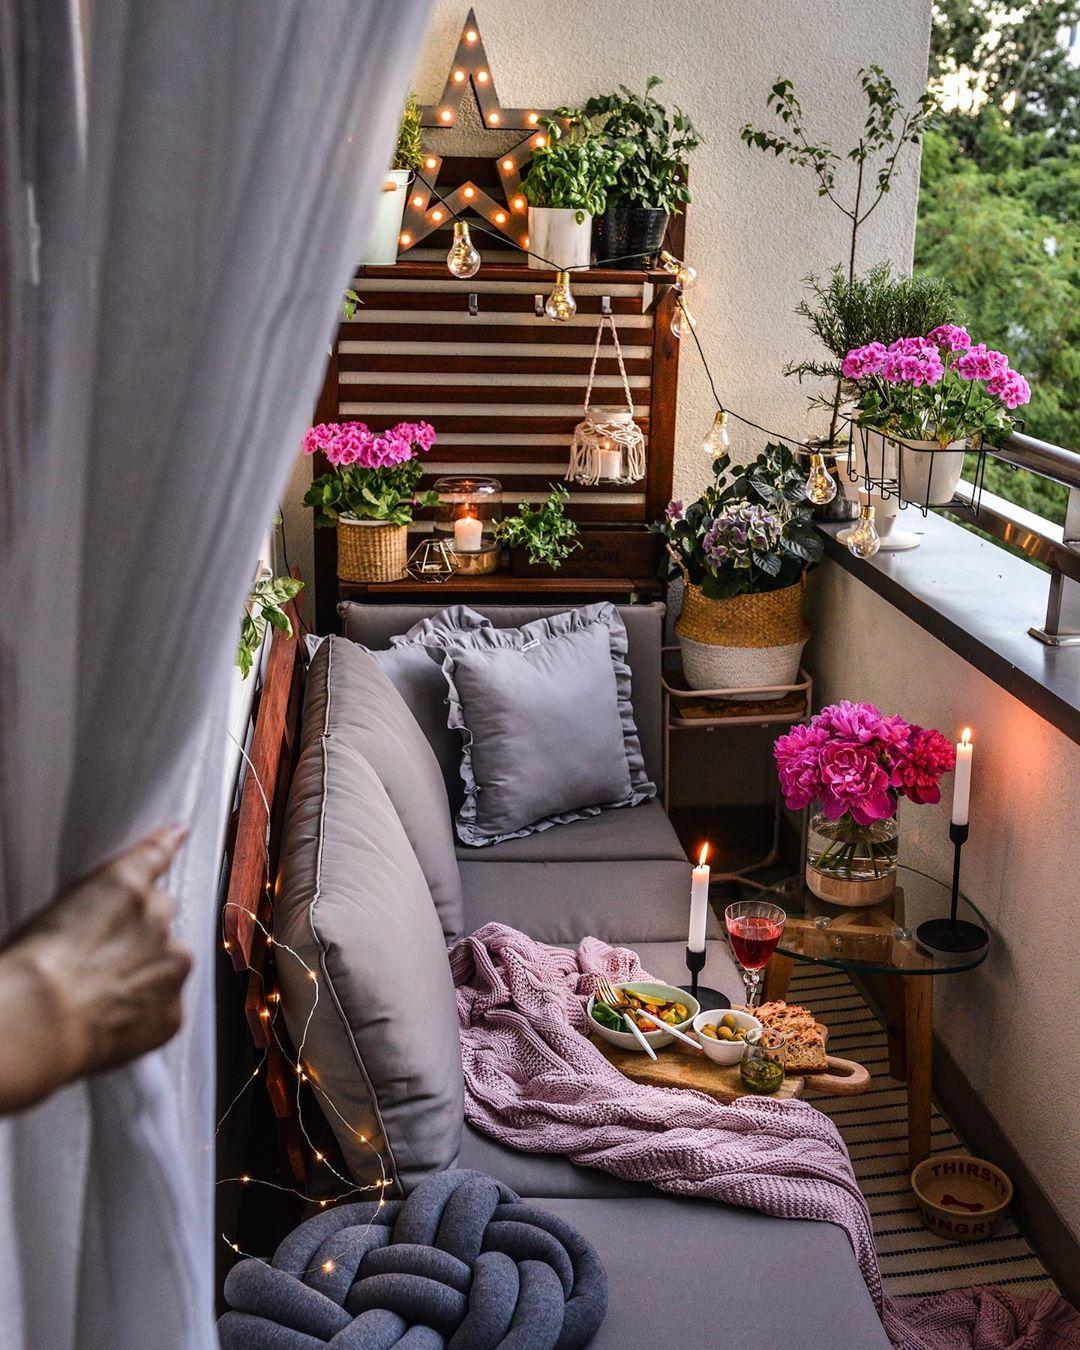 Top 10 Small Balcony Ideas